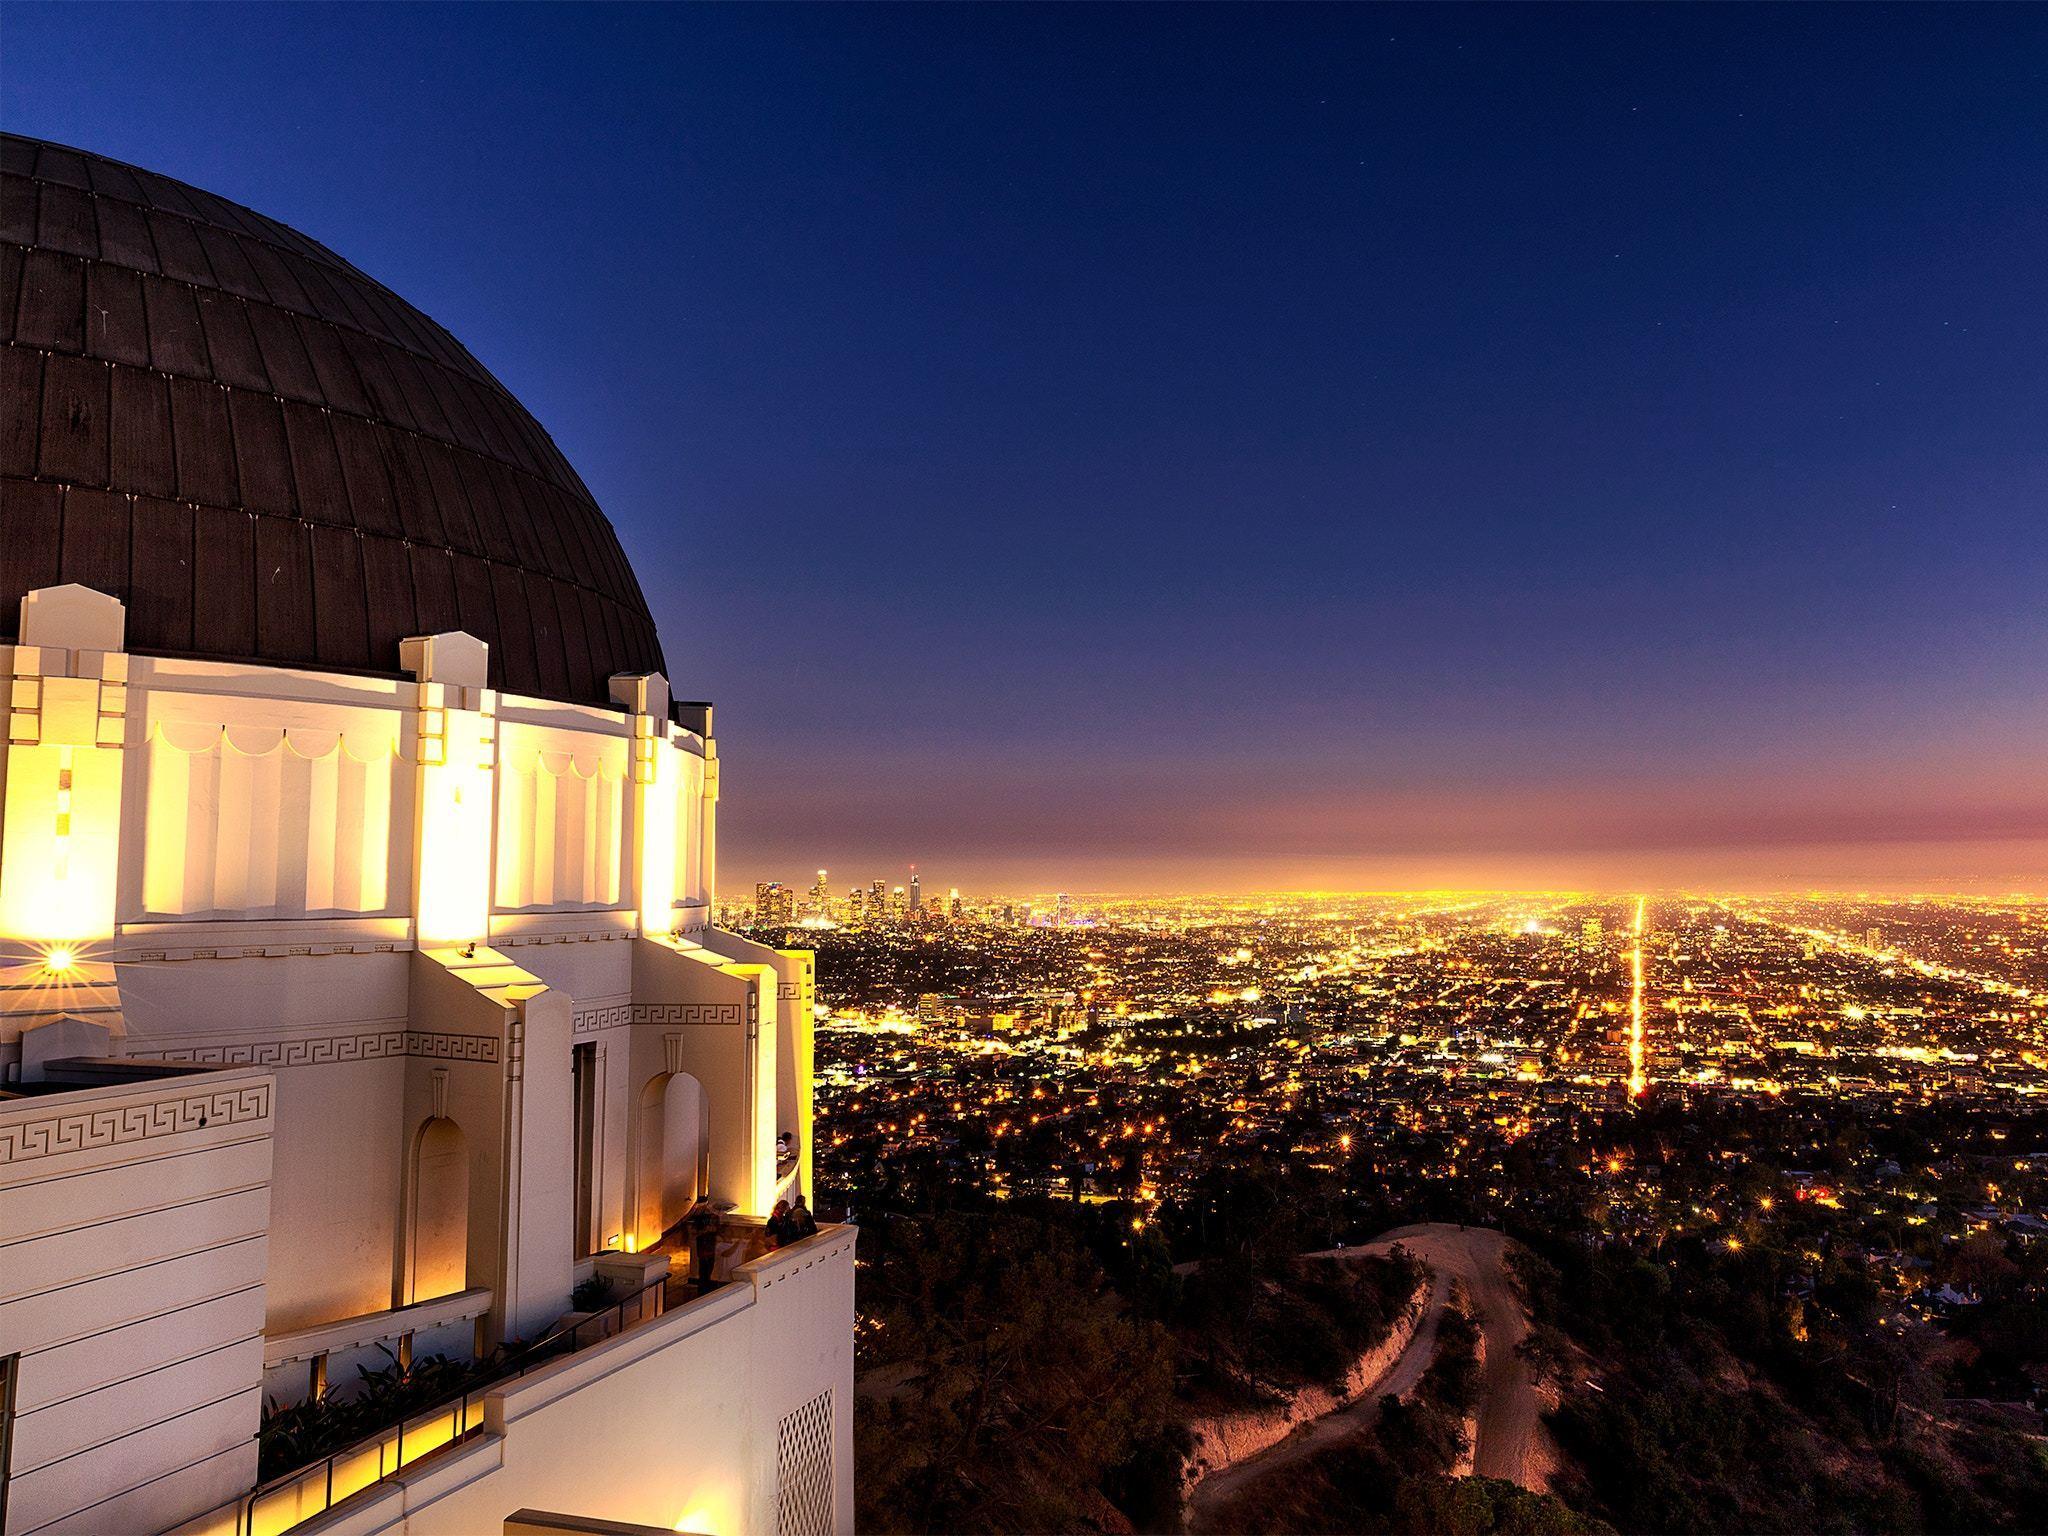 4. Contempla las estrellas desde el Observatorio Griffith